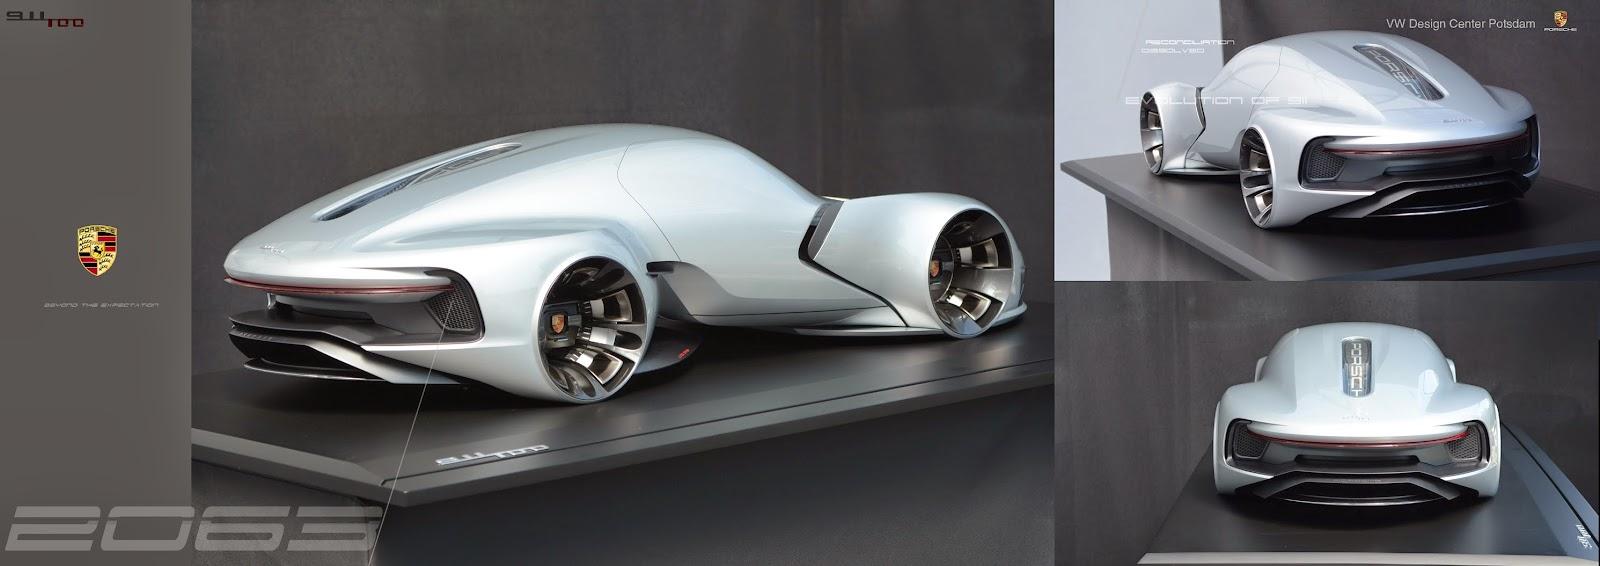 minbyungyoon 2014 pforzheim univ degree show porsche 911 in 2063. Black Bedroom Furniture Sets. Home Design Ideas